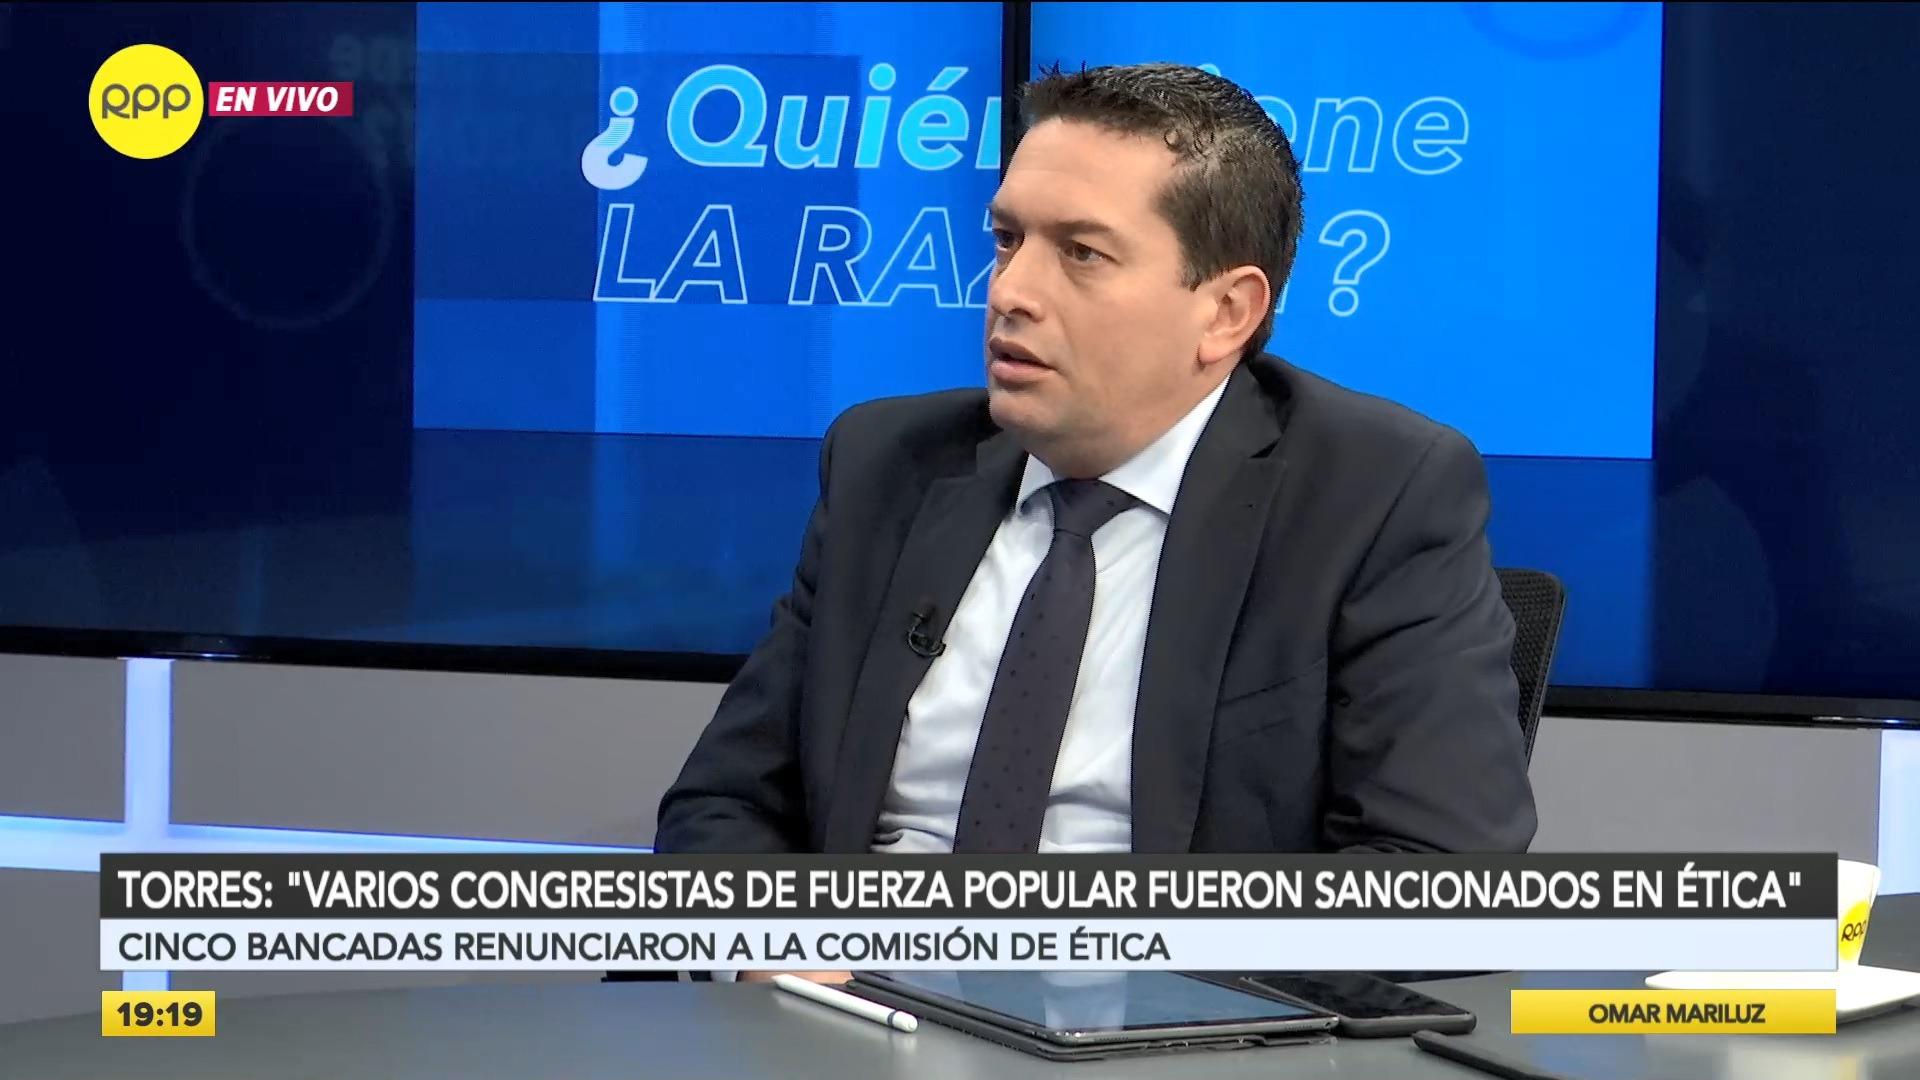 El parlamentario aseguró que la recomposición de la Comisión de Ética fue democrática.